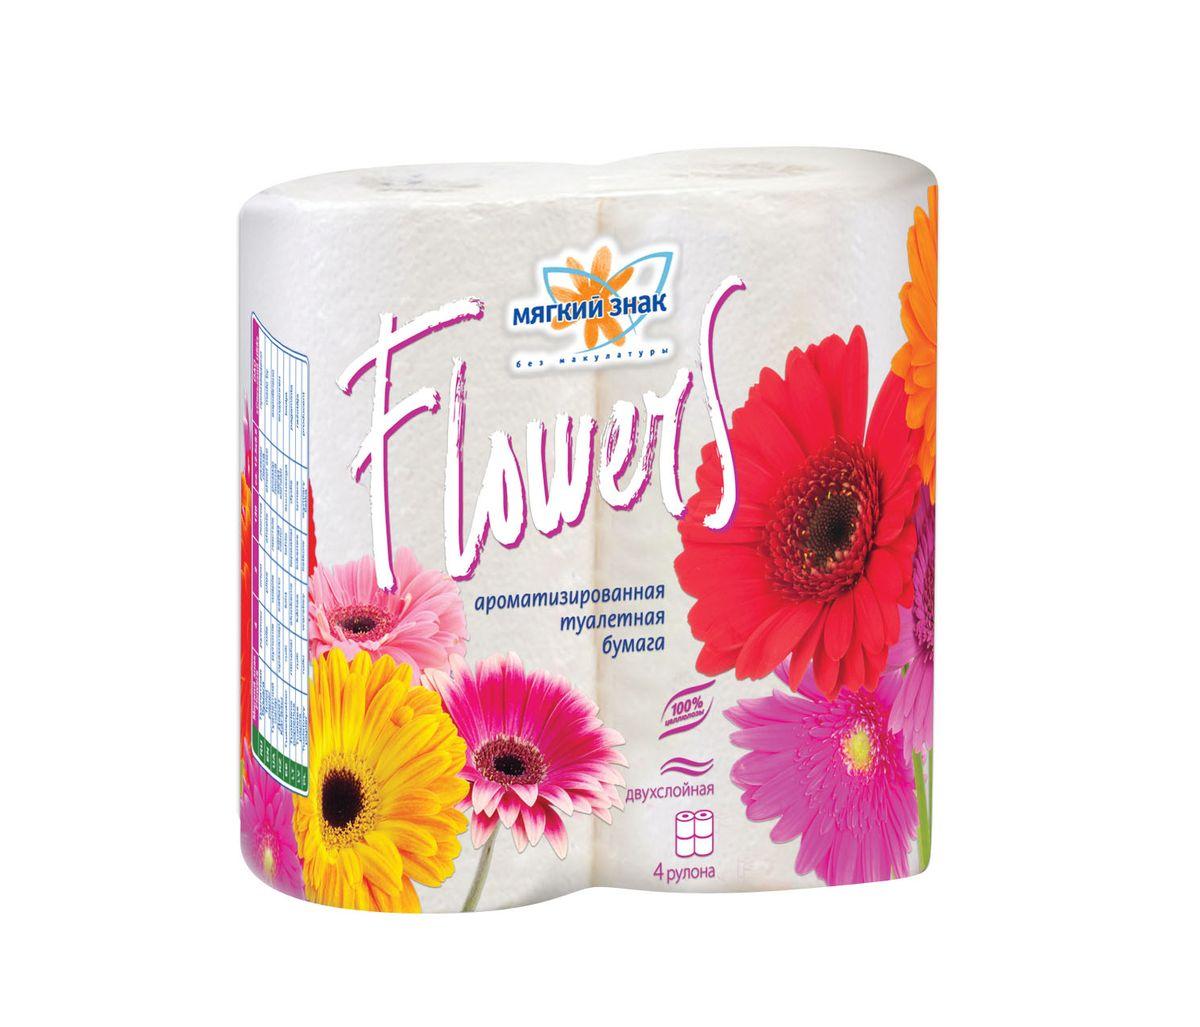 Туалетная бумага Мягкий знак Flowers, ароматизированная, двухслойная, цвет: белый, 4 рулона787502Ароматизированная туалетная бумага Мягкий знак Flowers обладает нежным цветочным ароматом. Двухслойная туалетная бумага мягкая, нежная, но в тоже время прочная, с отрывом по линии перфорации.Количество листов: 185 шт. Количество слоев: 2. Размер листа: 12,5 см х 9,6 см. Состав: 100% целлюлоза, ароматизатор.